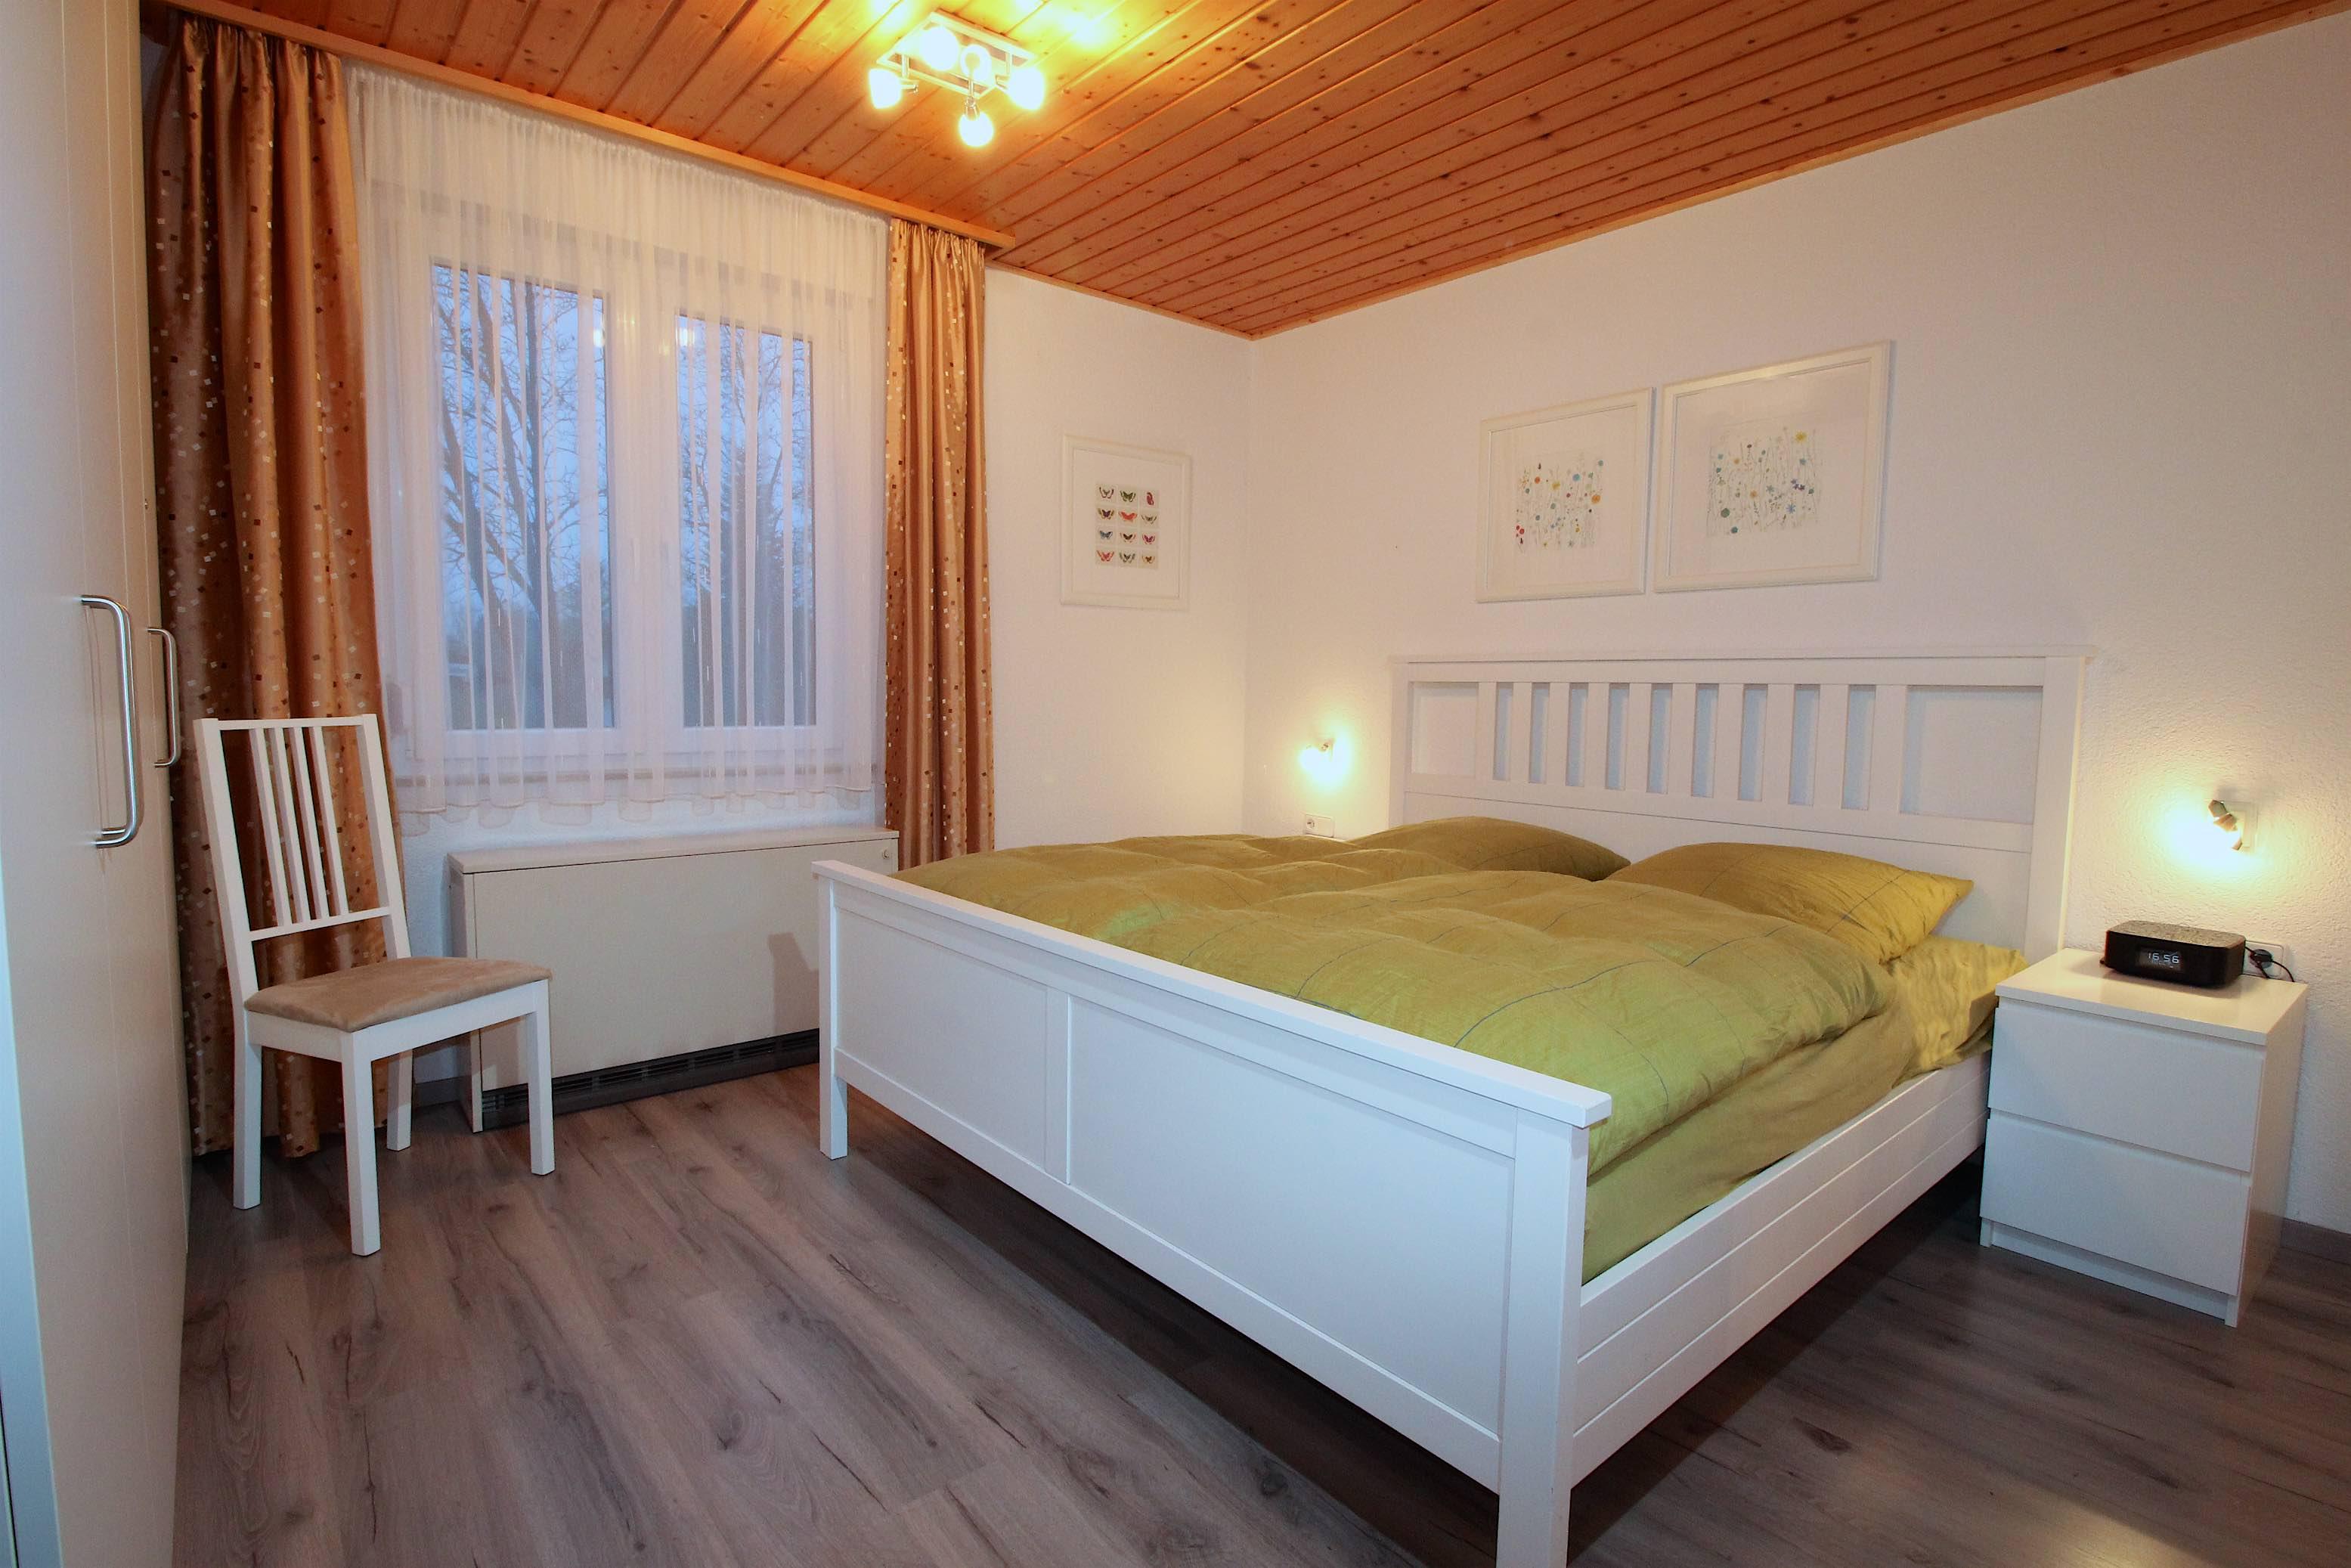 Schlafzimmer:Schlafzimmer mit geräumigem Einbauschrank